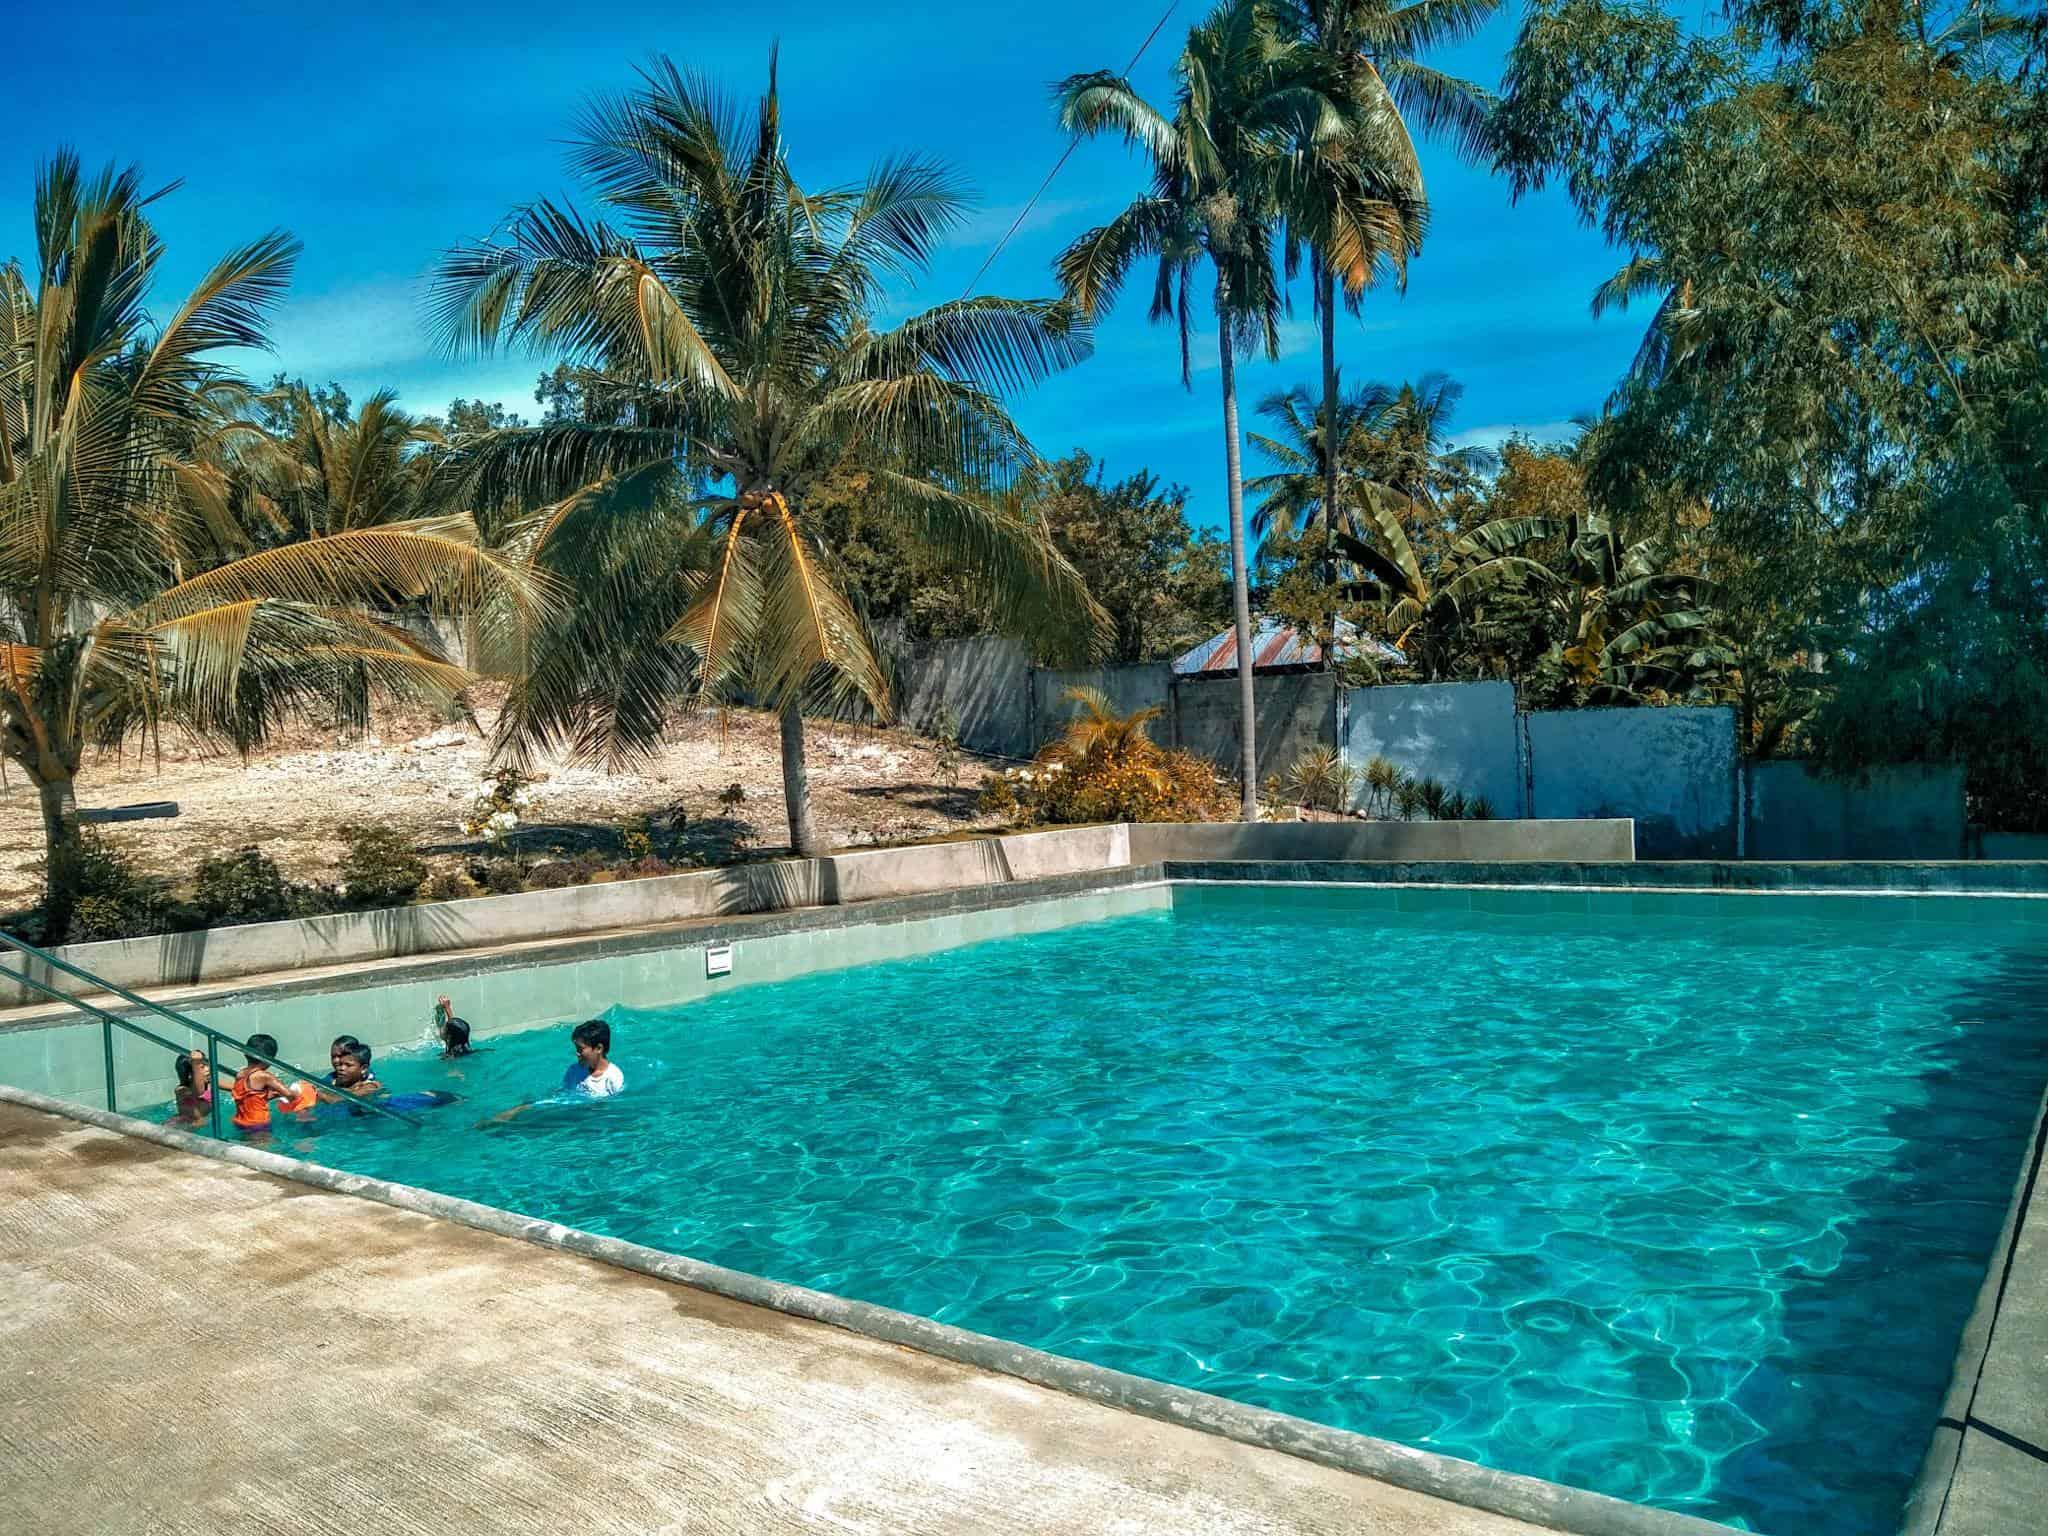 Maslog Pool Resort Tabogon Cebu (1)